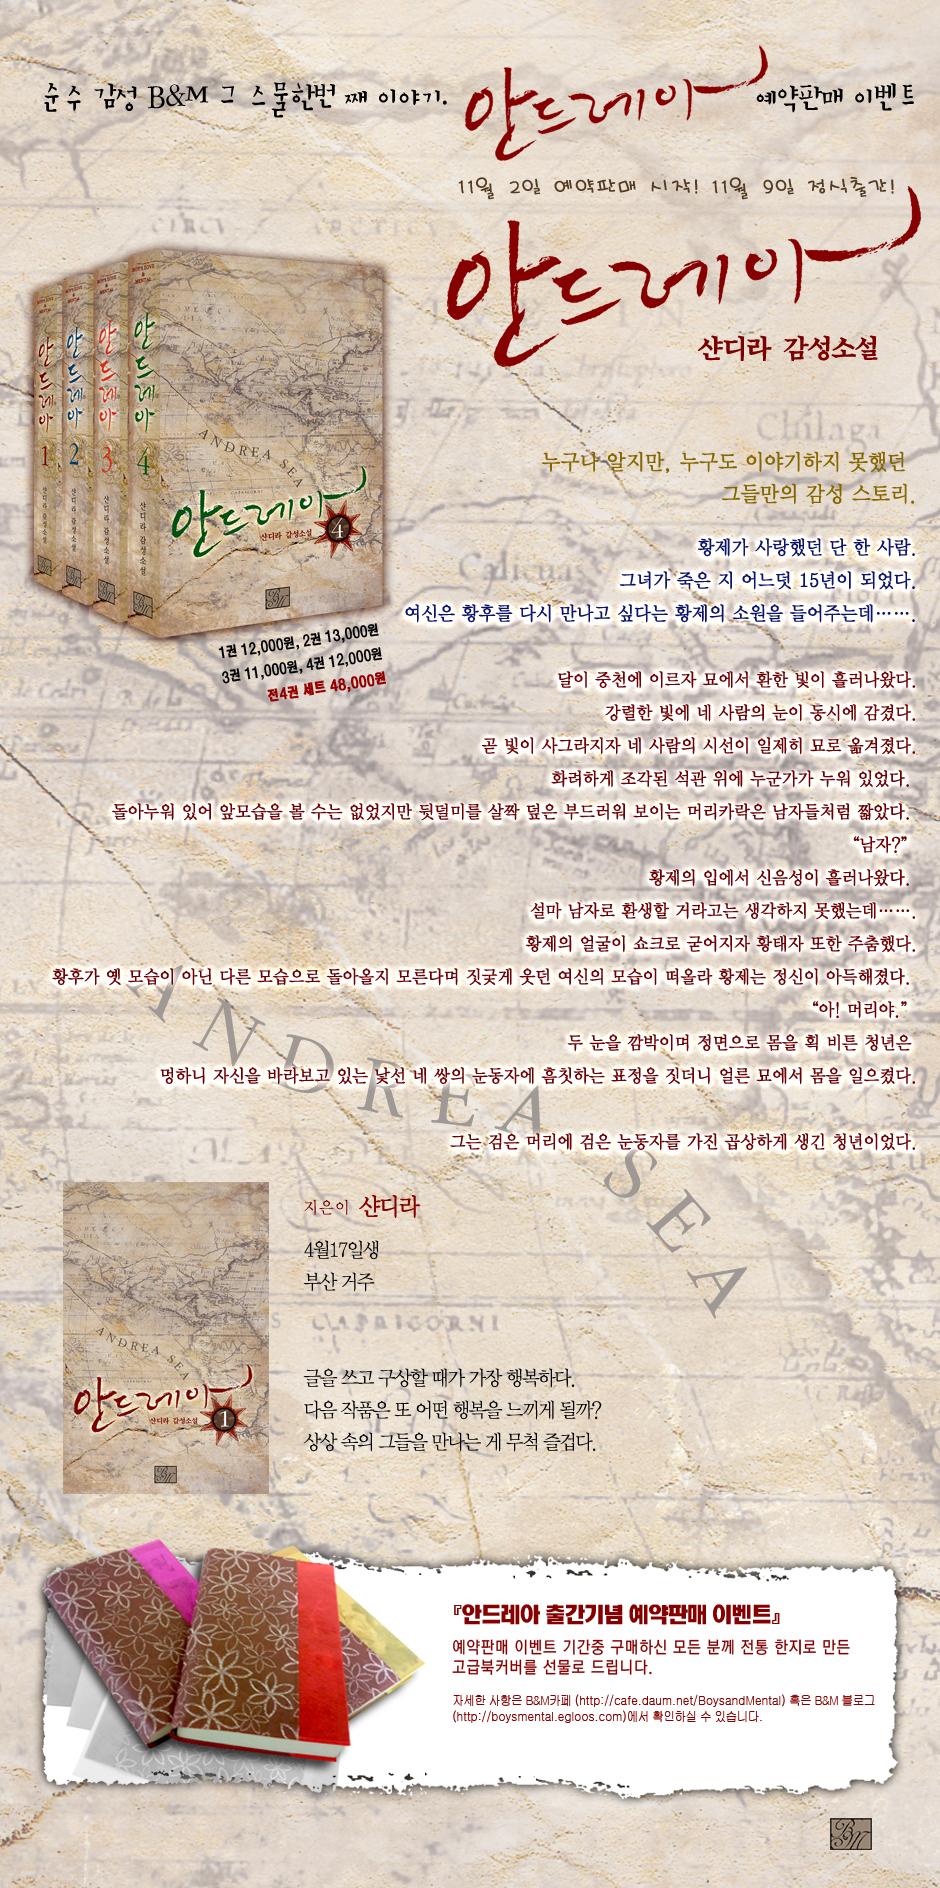 《안드레아》샨디라 作 -예약판매 시작!